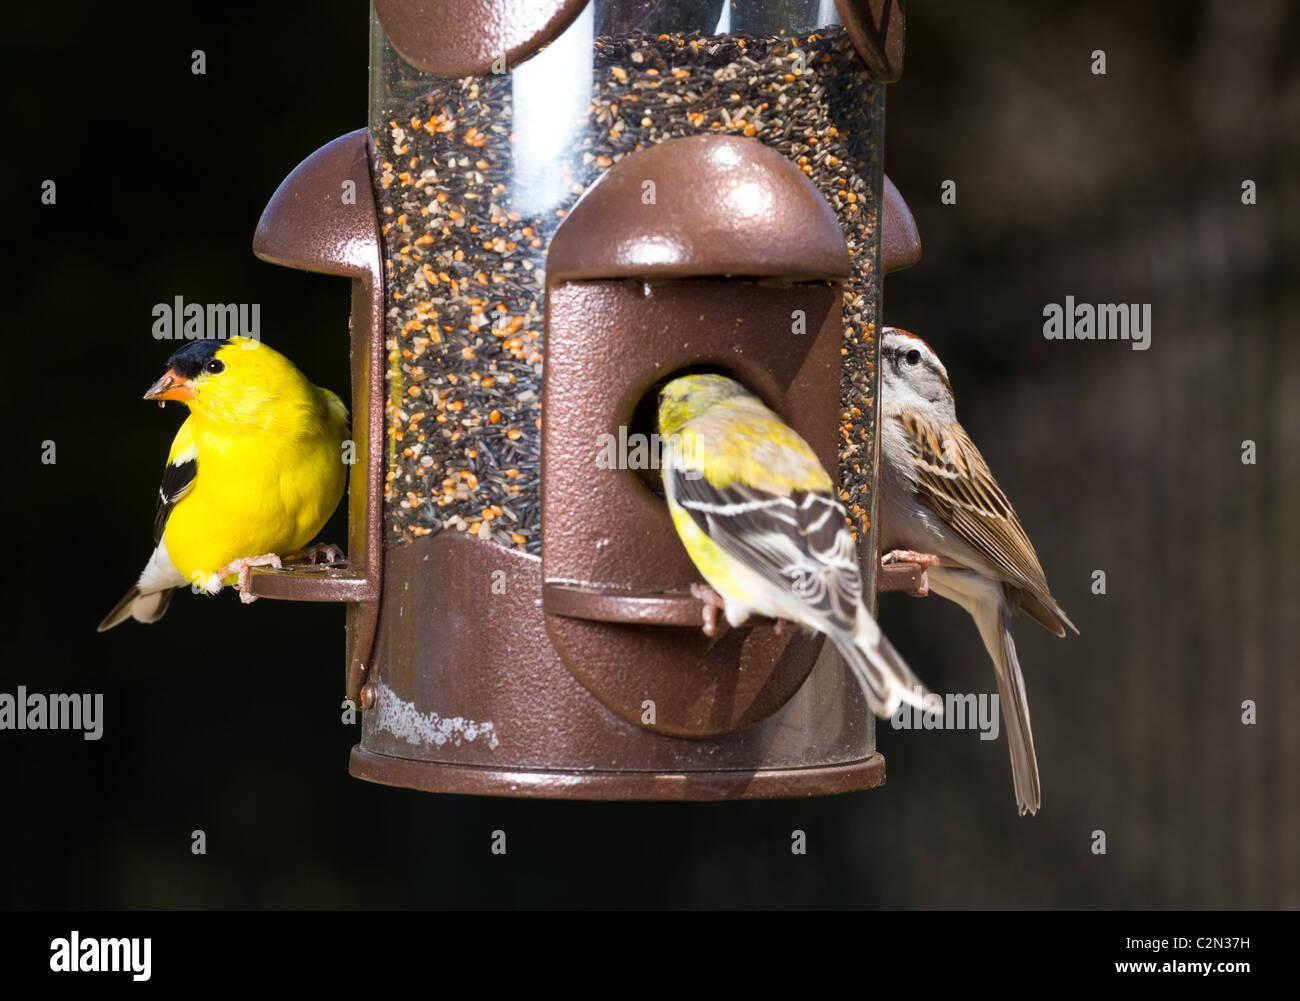 Les oiseaux de jardin y compris un chardonneret jaune jaune vif à partir de l'alimentation moderne une Photo Stock